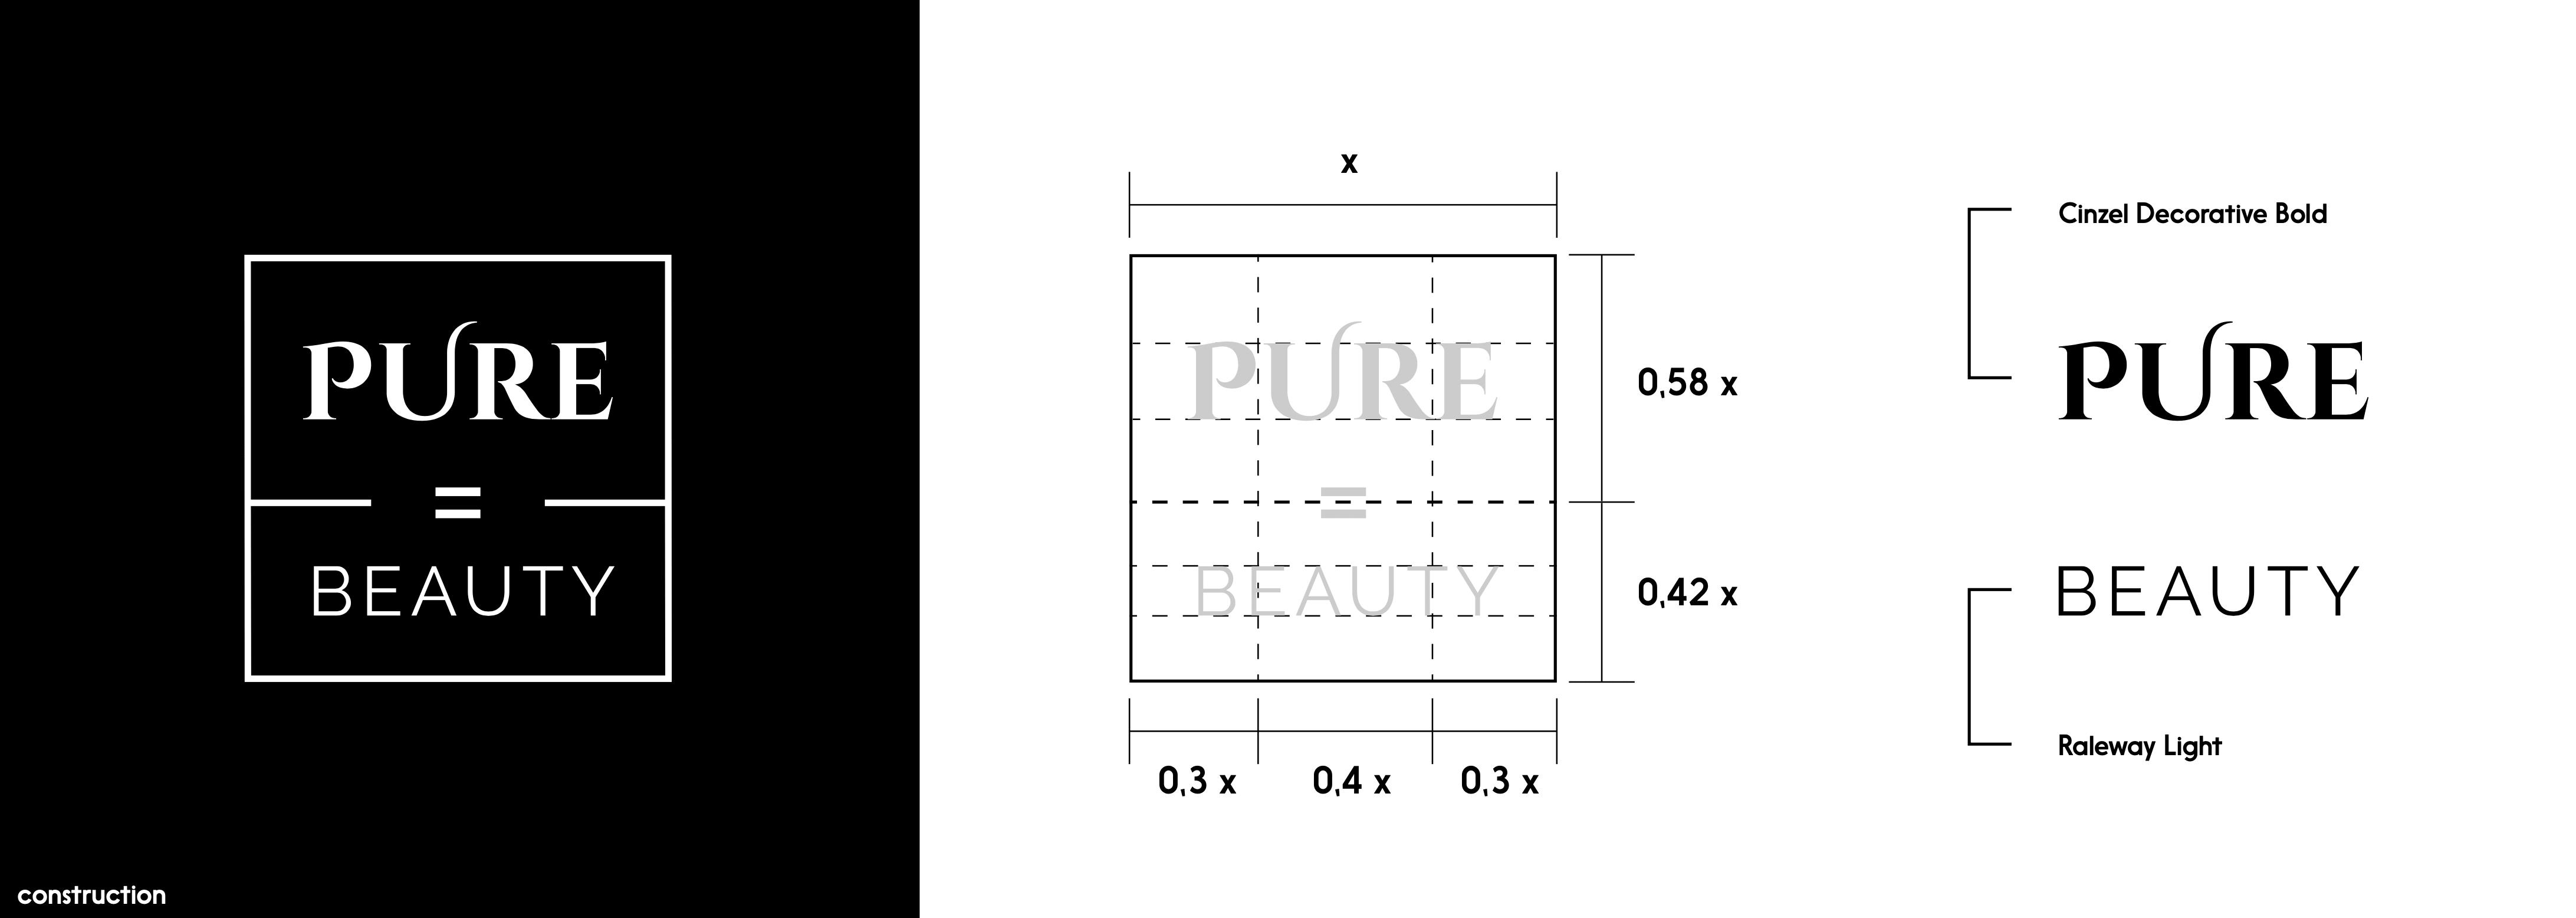 projekt-logo-firmy-branding-pictoo-lodz-warszawa-strategia-marki-opakowania-kosmetyczne-projektowanie-etykiet-opakowan-studio-graficzne